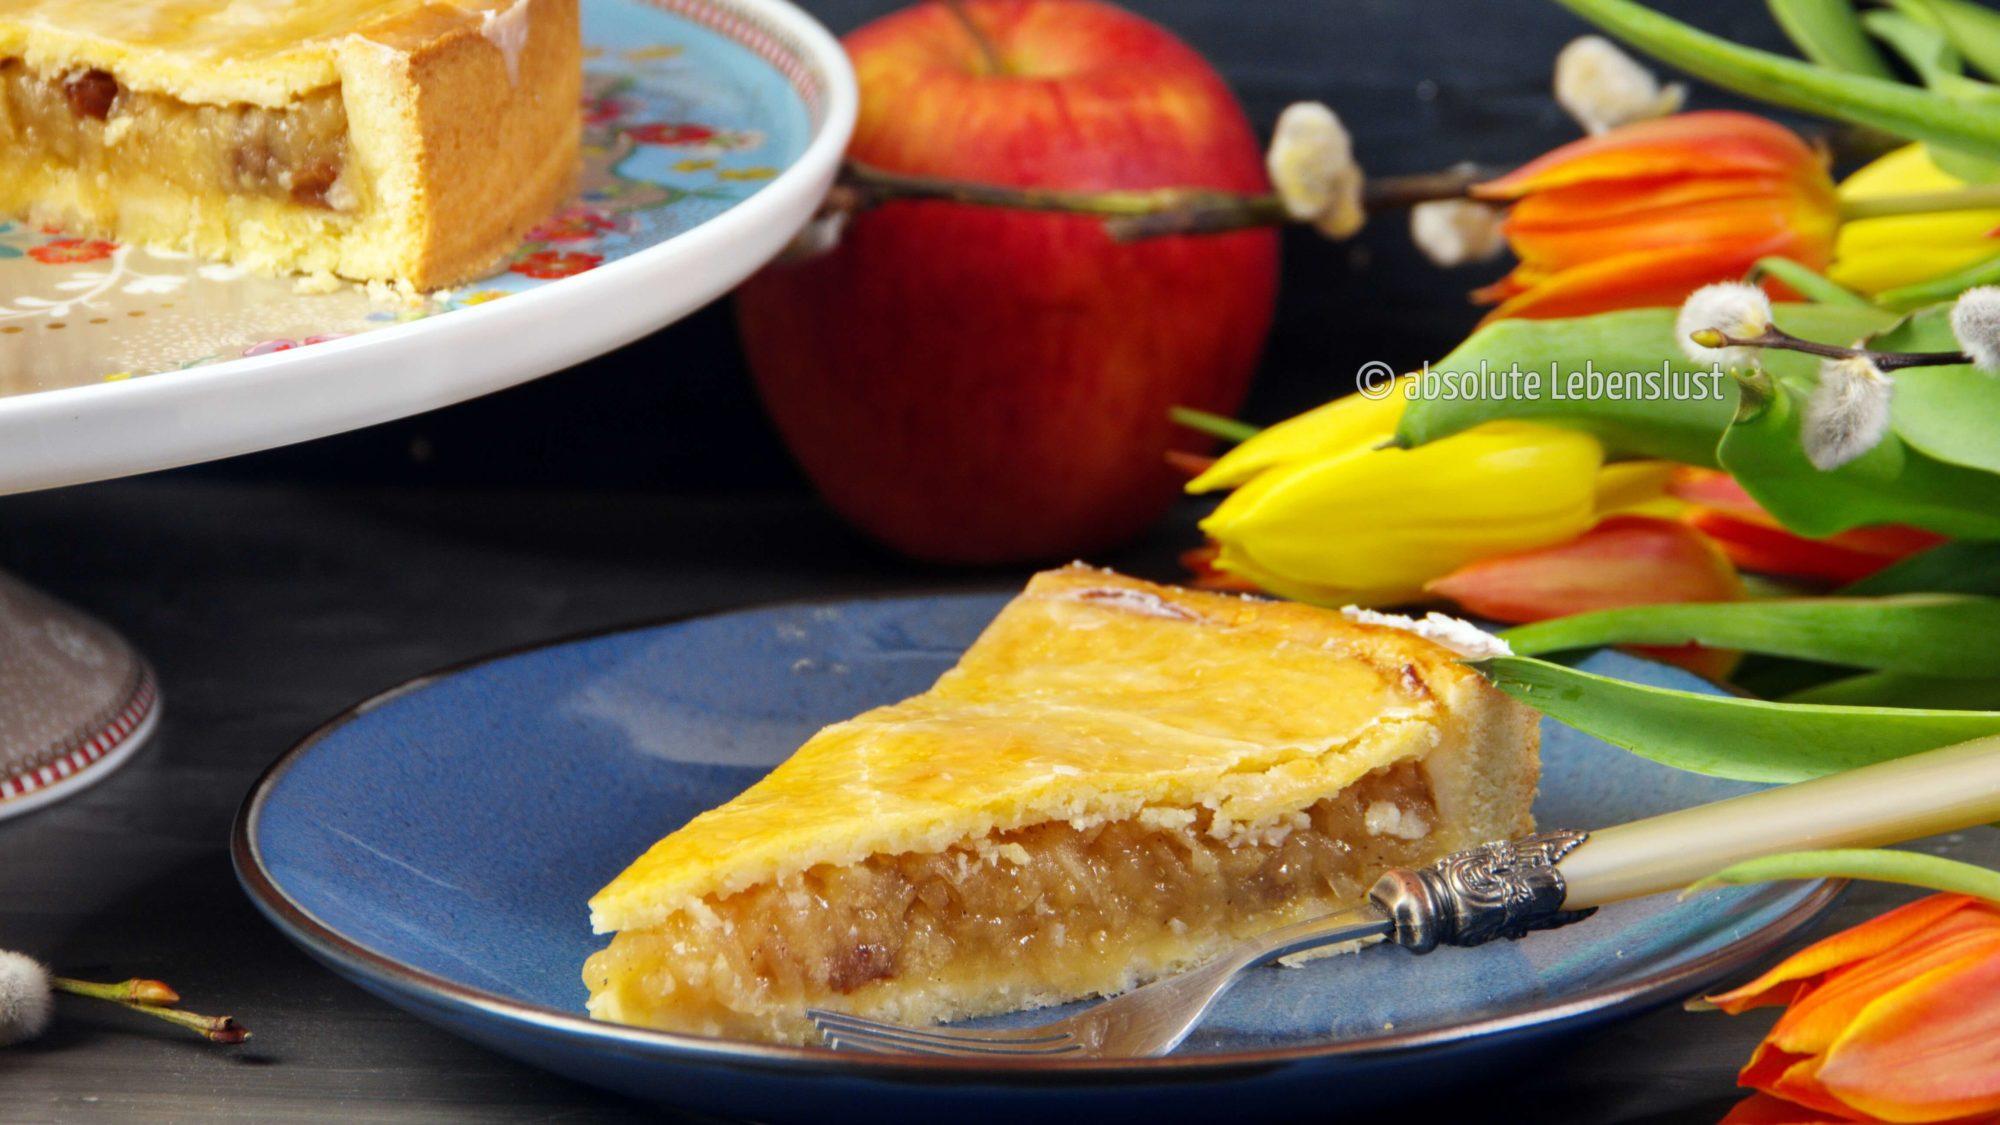 gedeckter apfelkuchen, apfelkuchen backen, backen, rezept, rezepte, selber machen, einfach, mürbeteig, rosinen